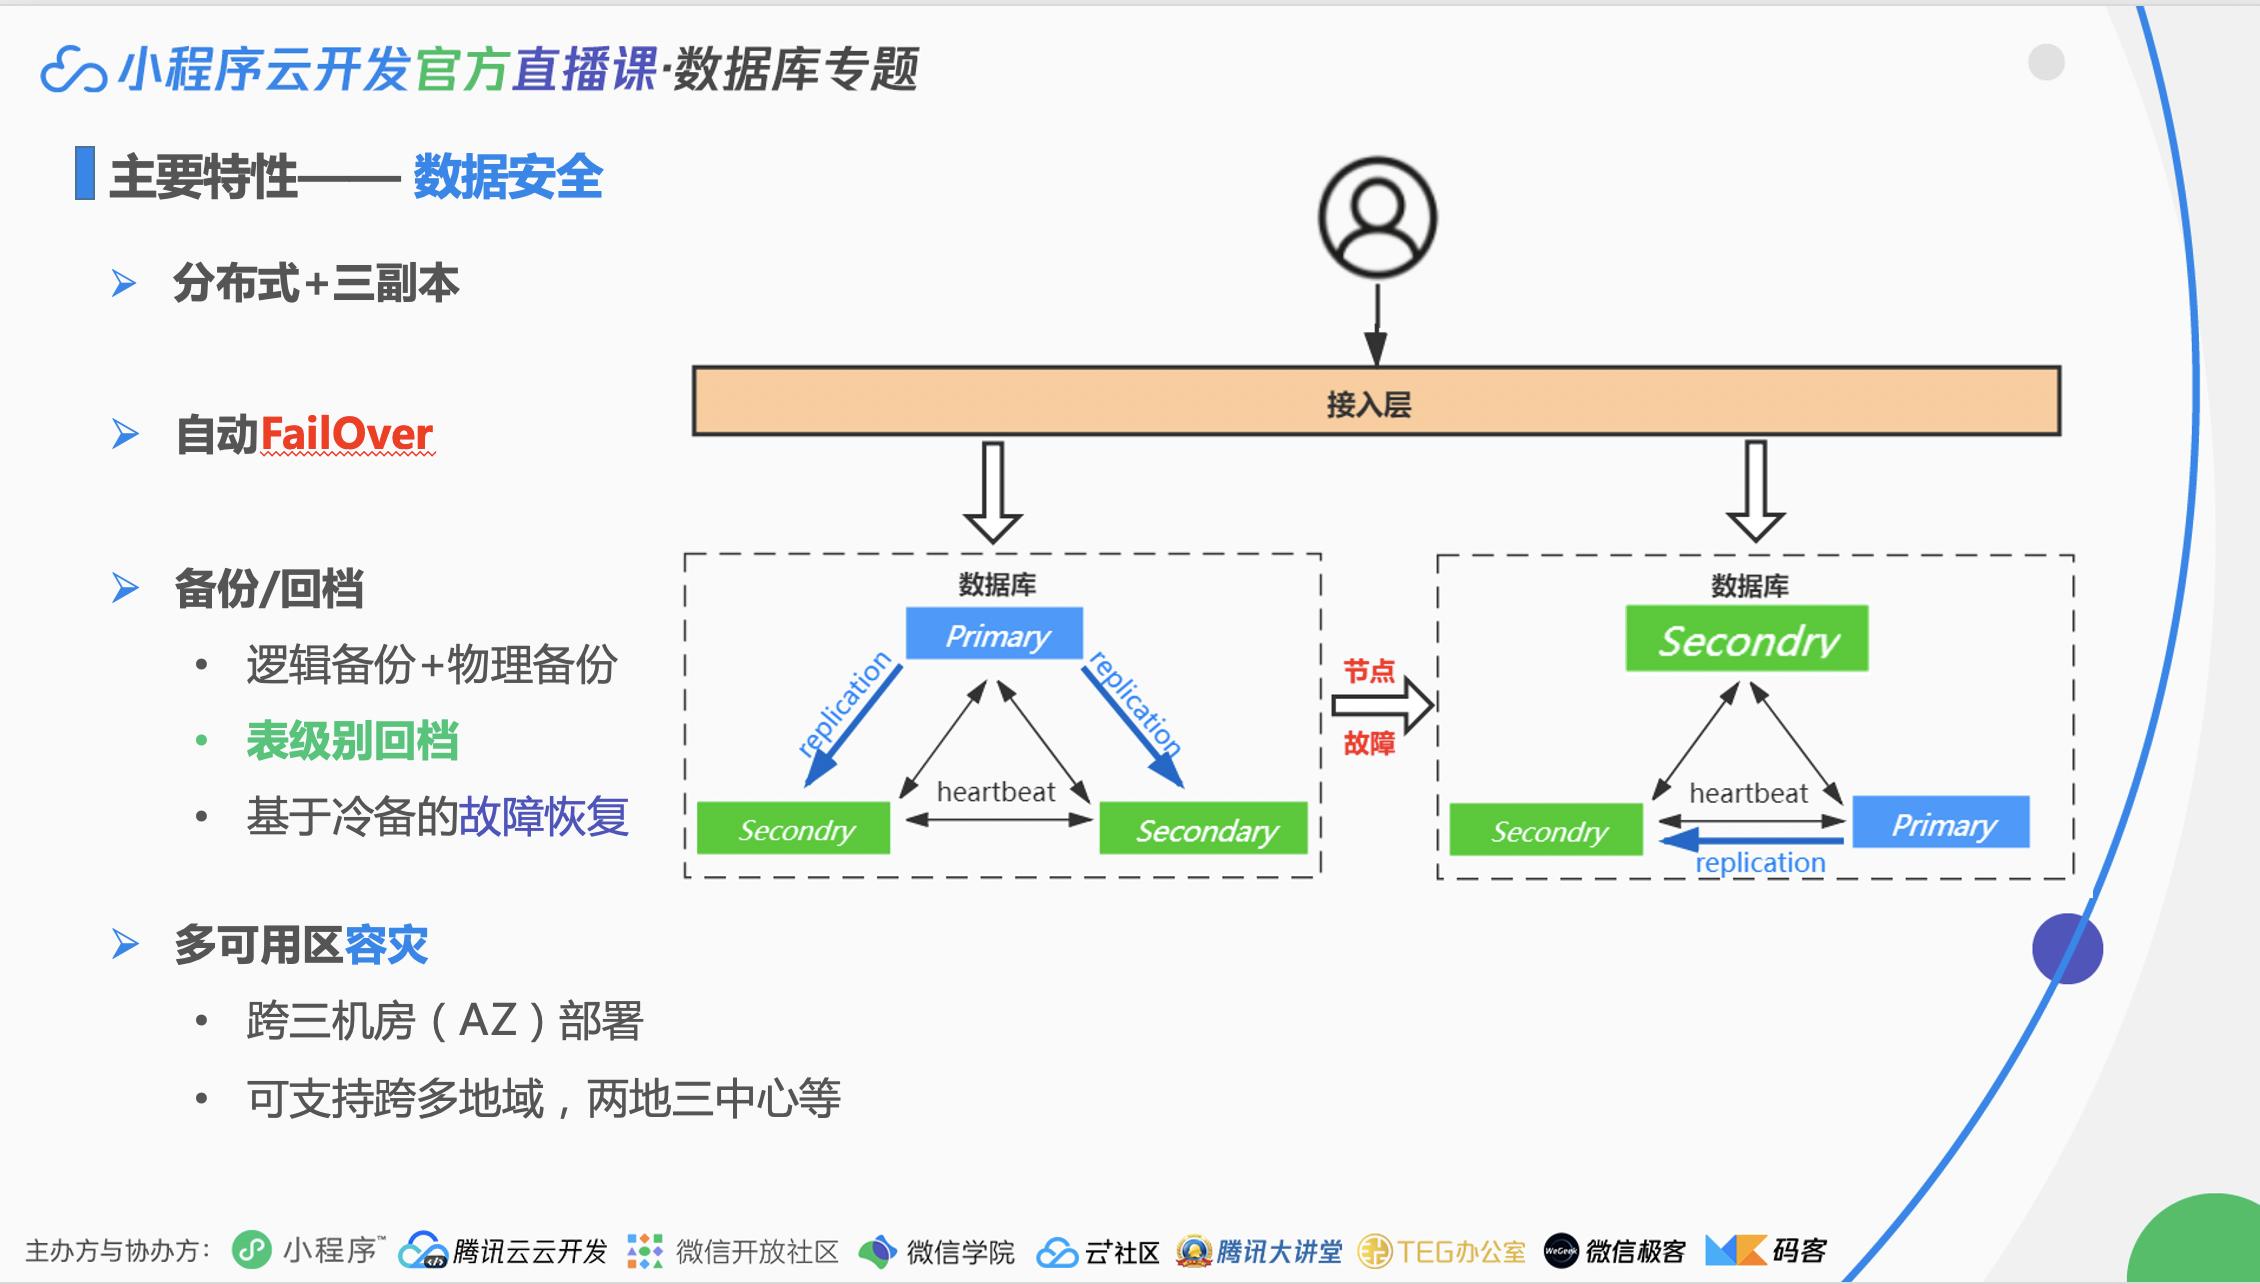 浅析小程序云原生数据库的设计与应用